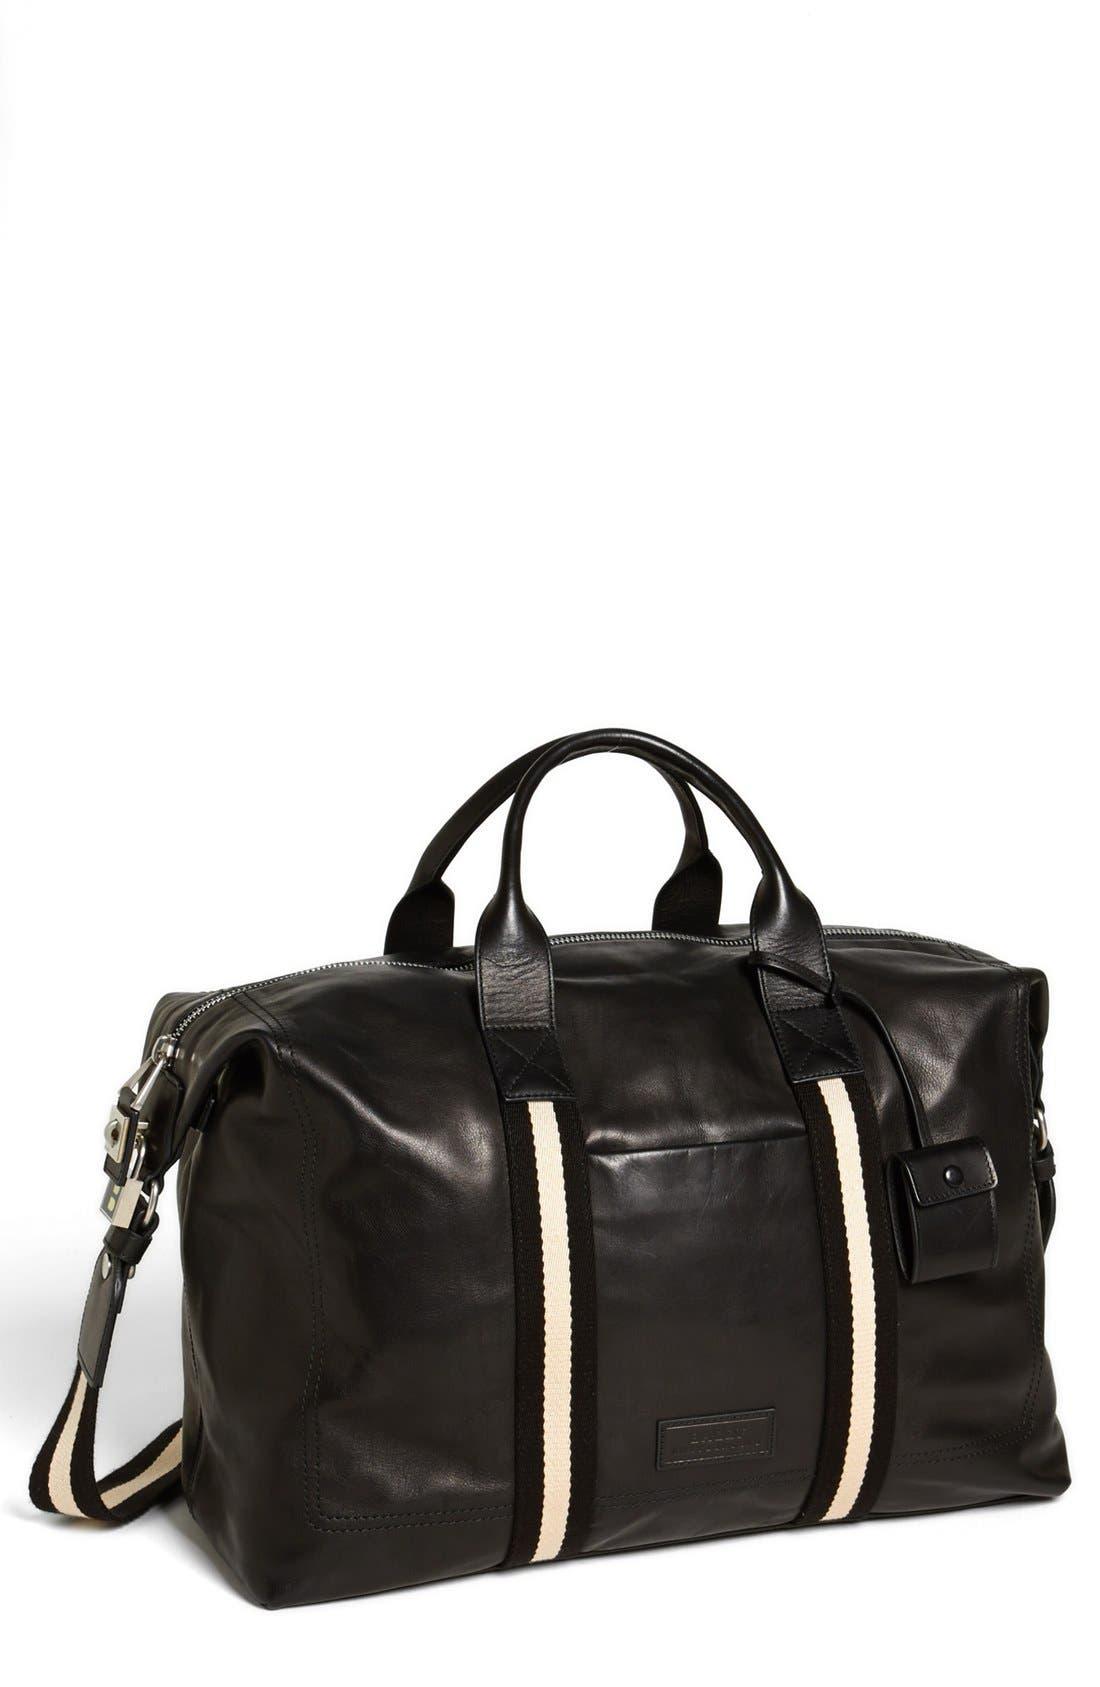 Main Image - Bally 'Terret' Duffel Bag